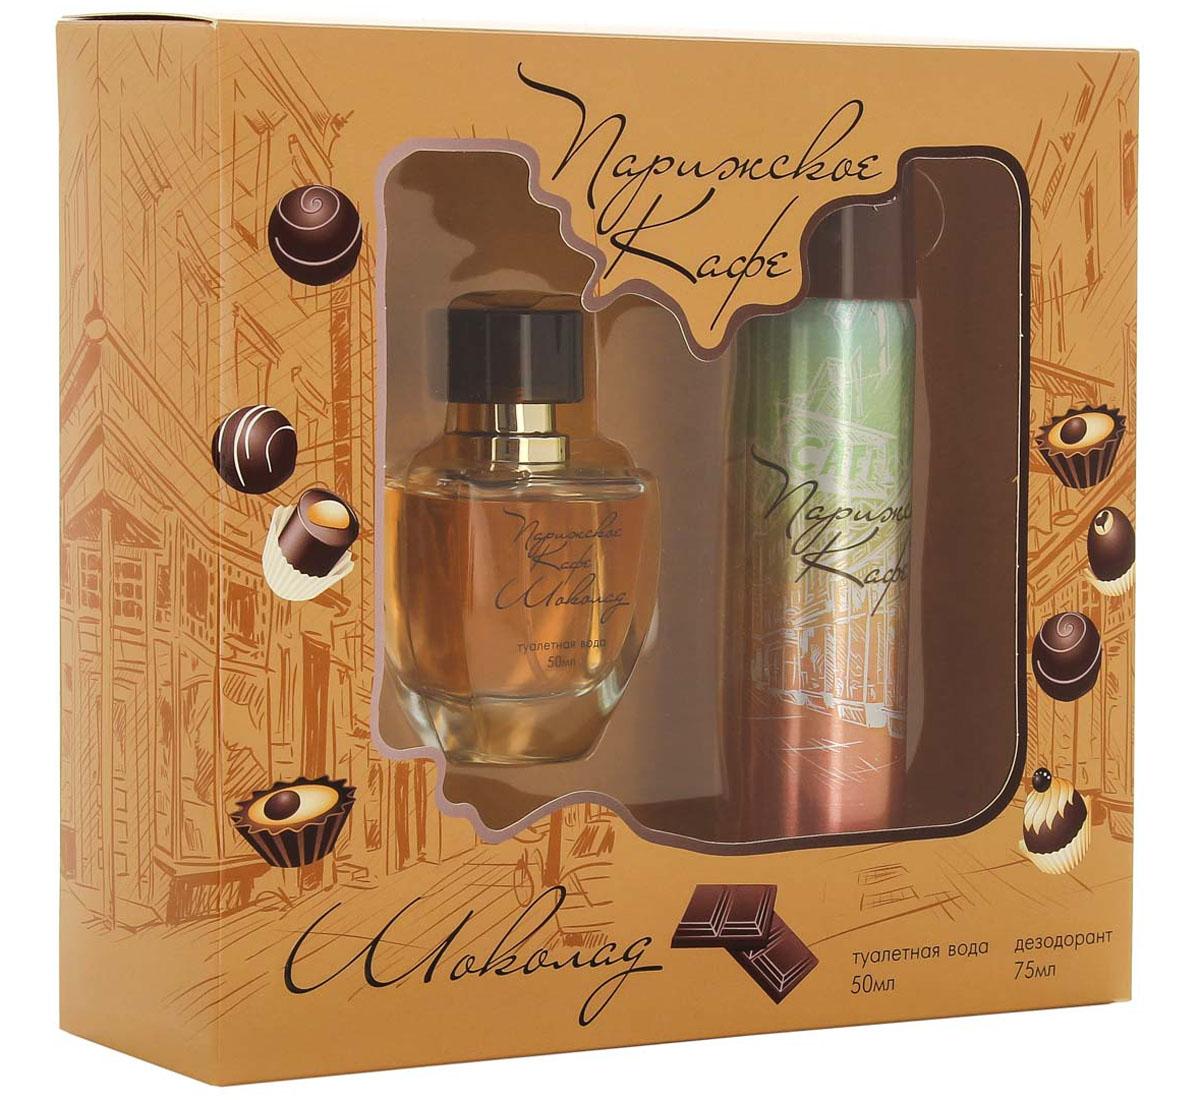 КПК-Парфюм Подарочный набор для женщин Парижское кафе: Шоколад: Туалетная вода, 50 мл + Парфюмированный дезодорант, 75 млперфорационные unisexПАРИЖСКОЕ КАФЕ ШОКОЛАД- это аромат для женщин. Верхние ноты: страстоцвет, красный мак и пион; ноты сердца: жасмин, нарцисс, мексиканский шоколад и ежевика; ноты базы: мускус, пачули, амбра и ваниль.